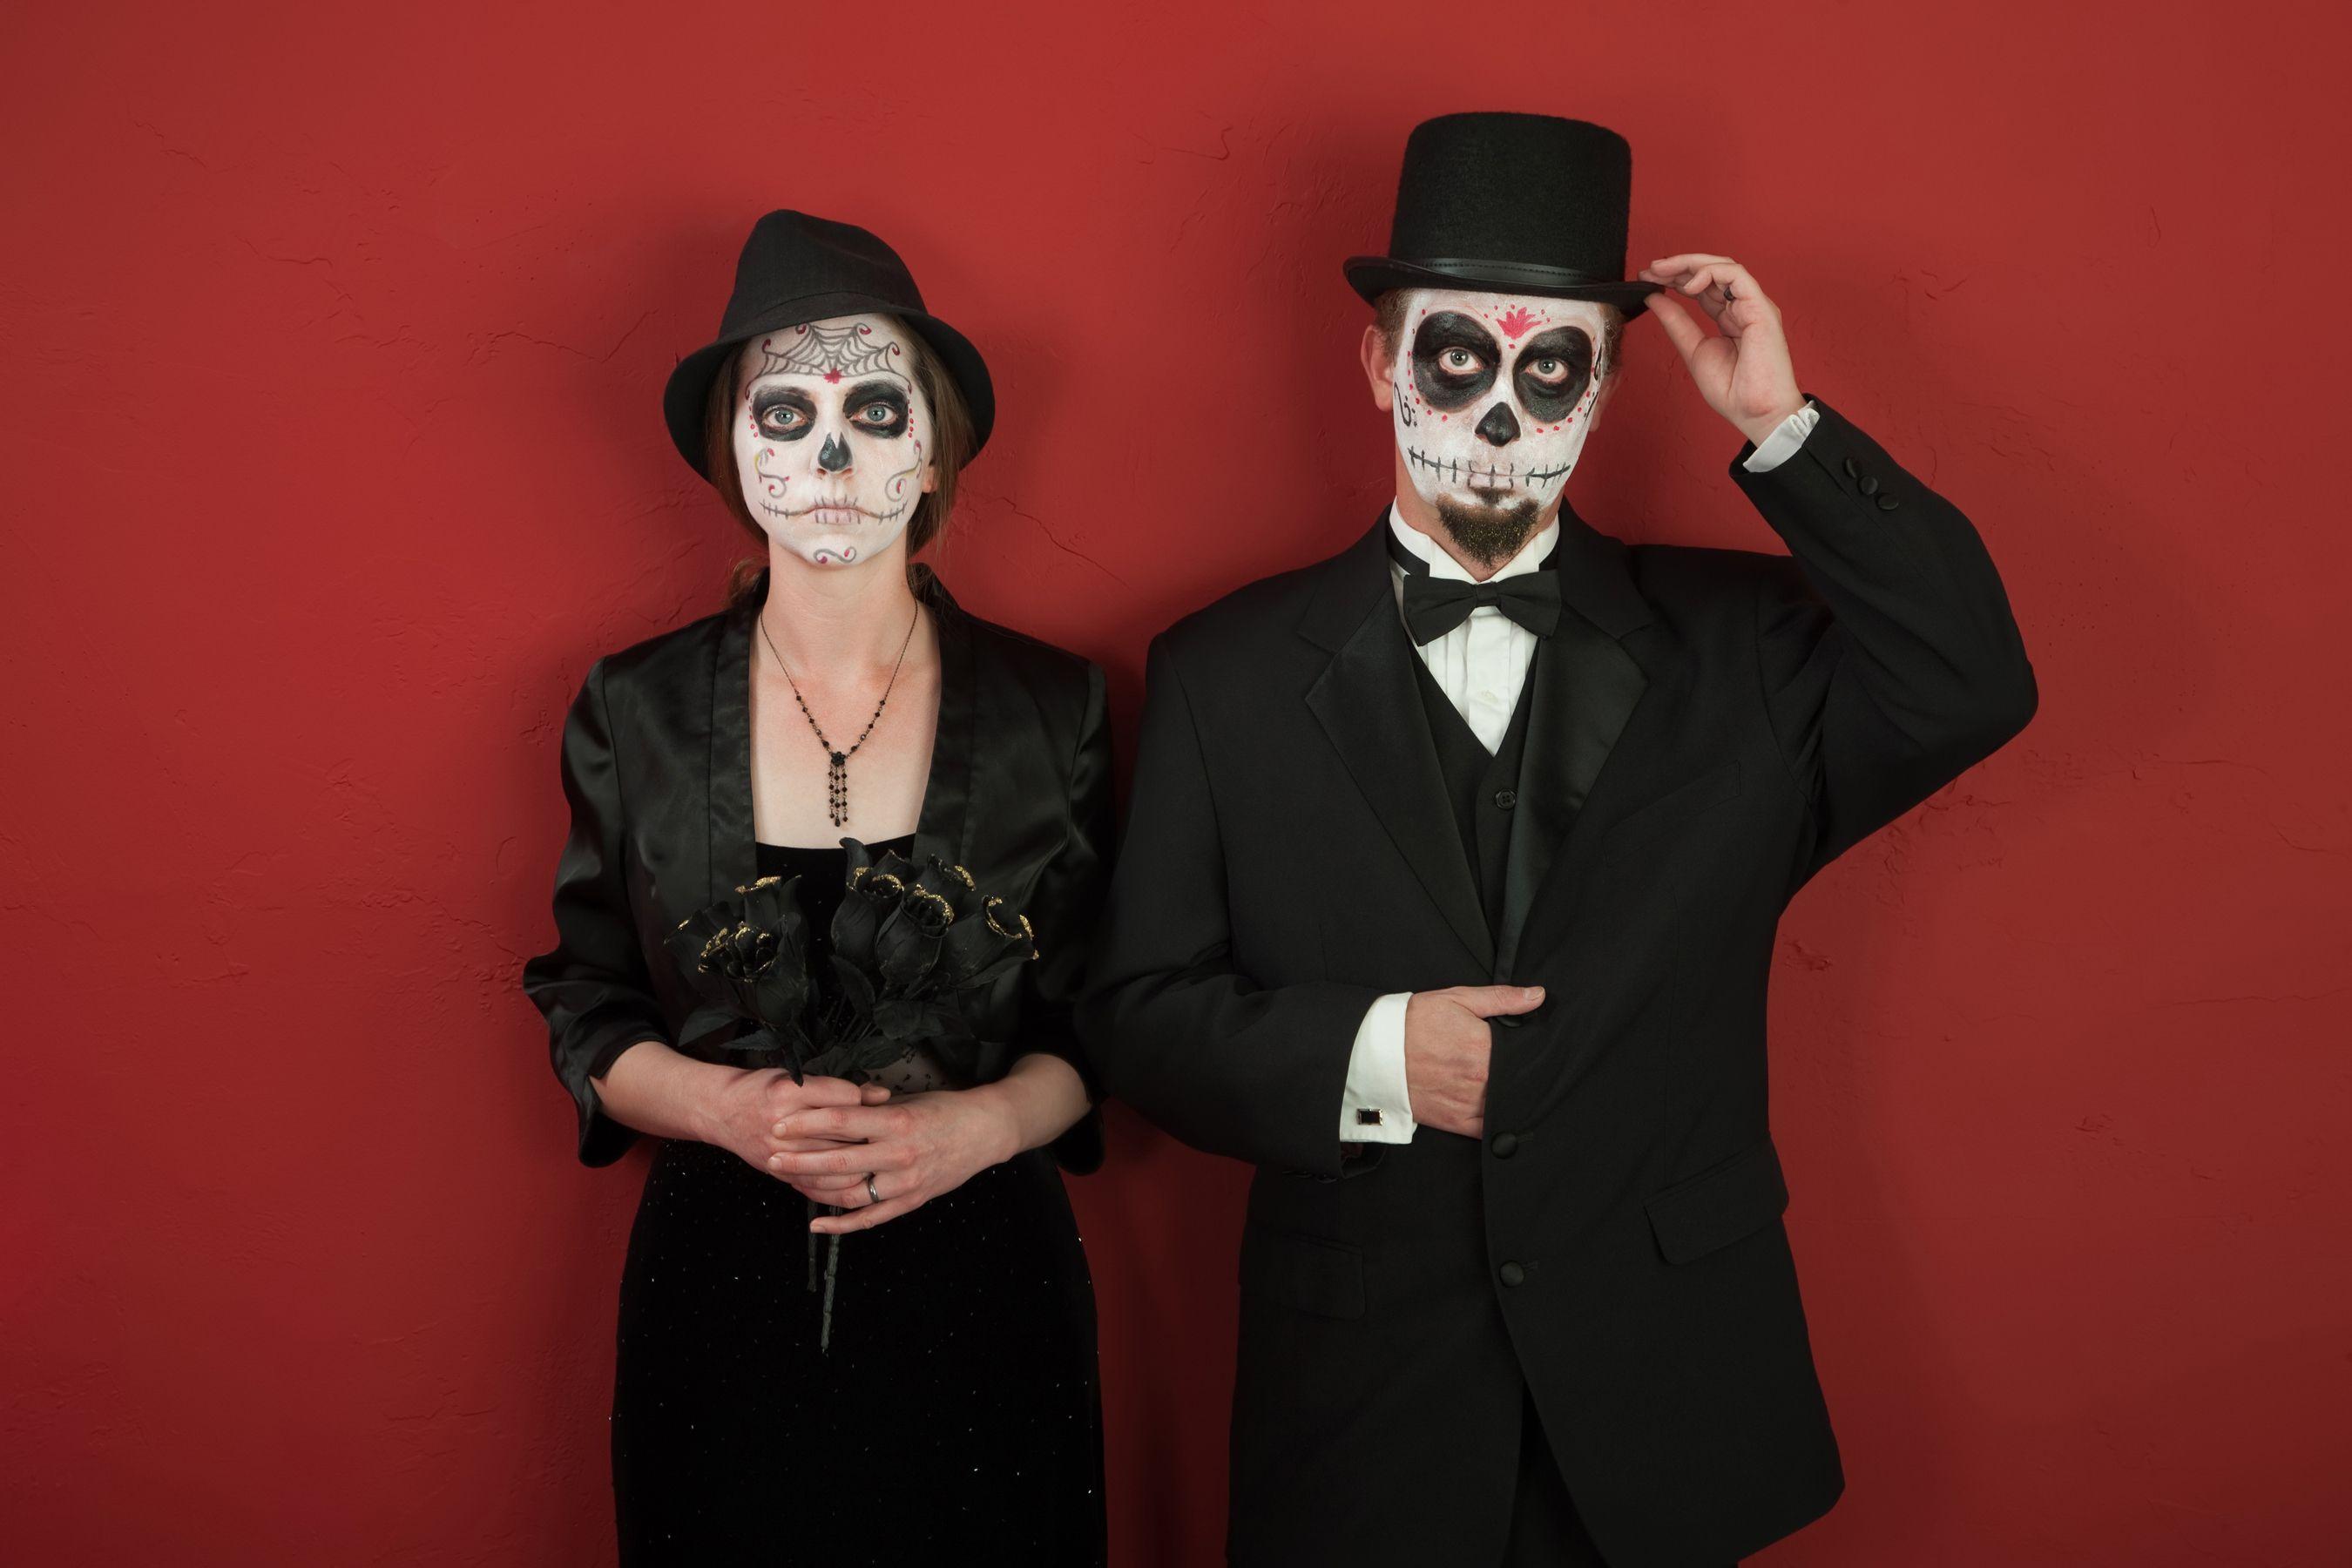 Disfraces creativos para parejas en Halloween hechos en